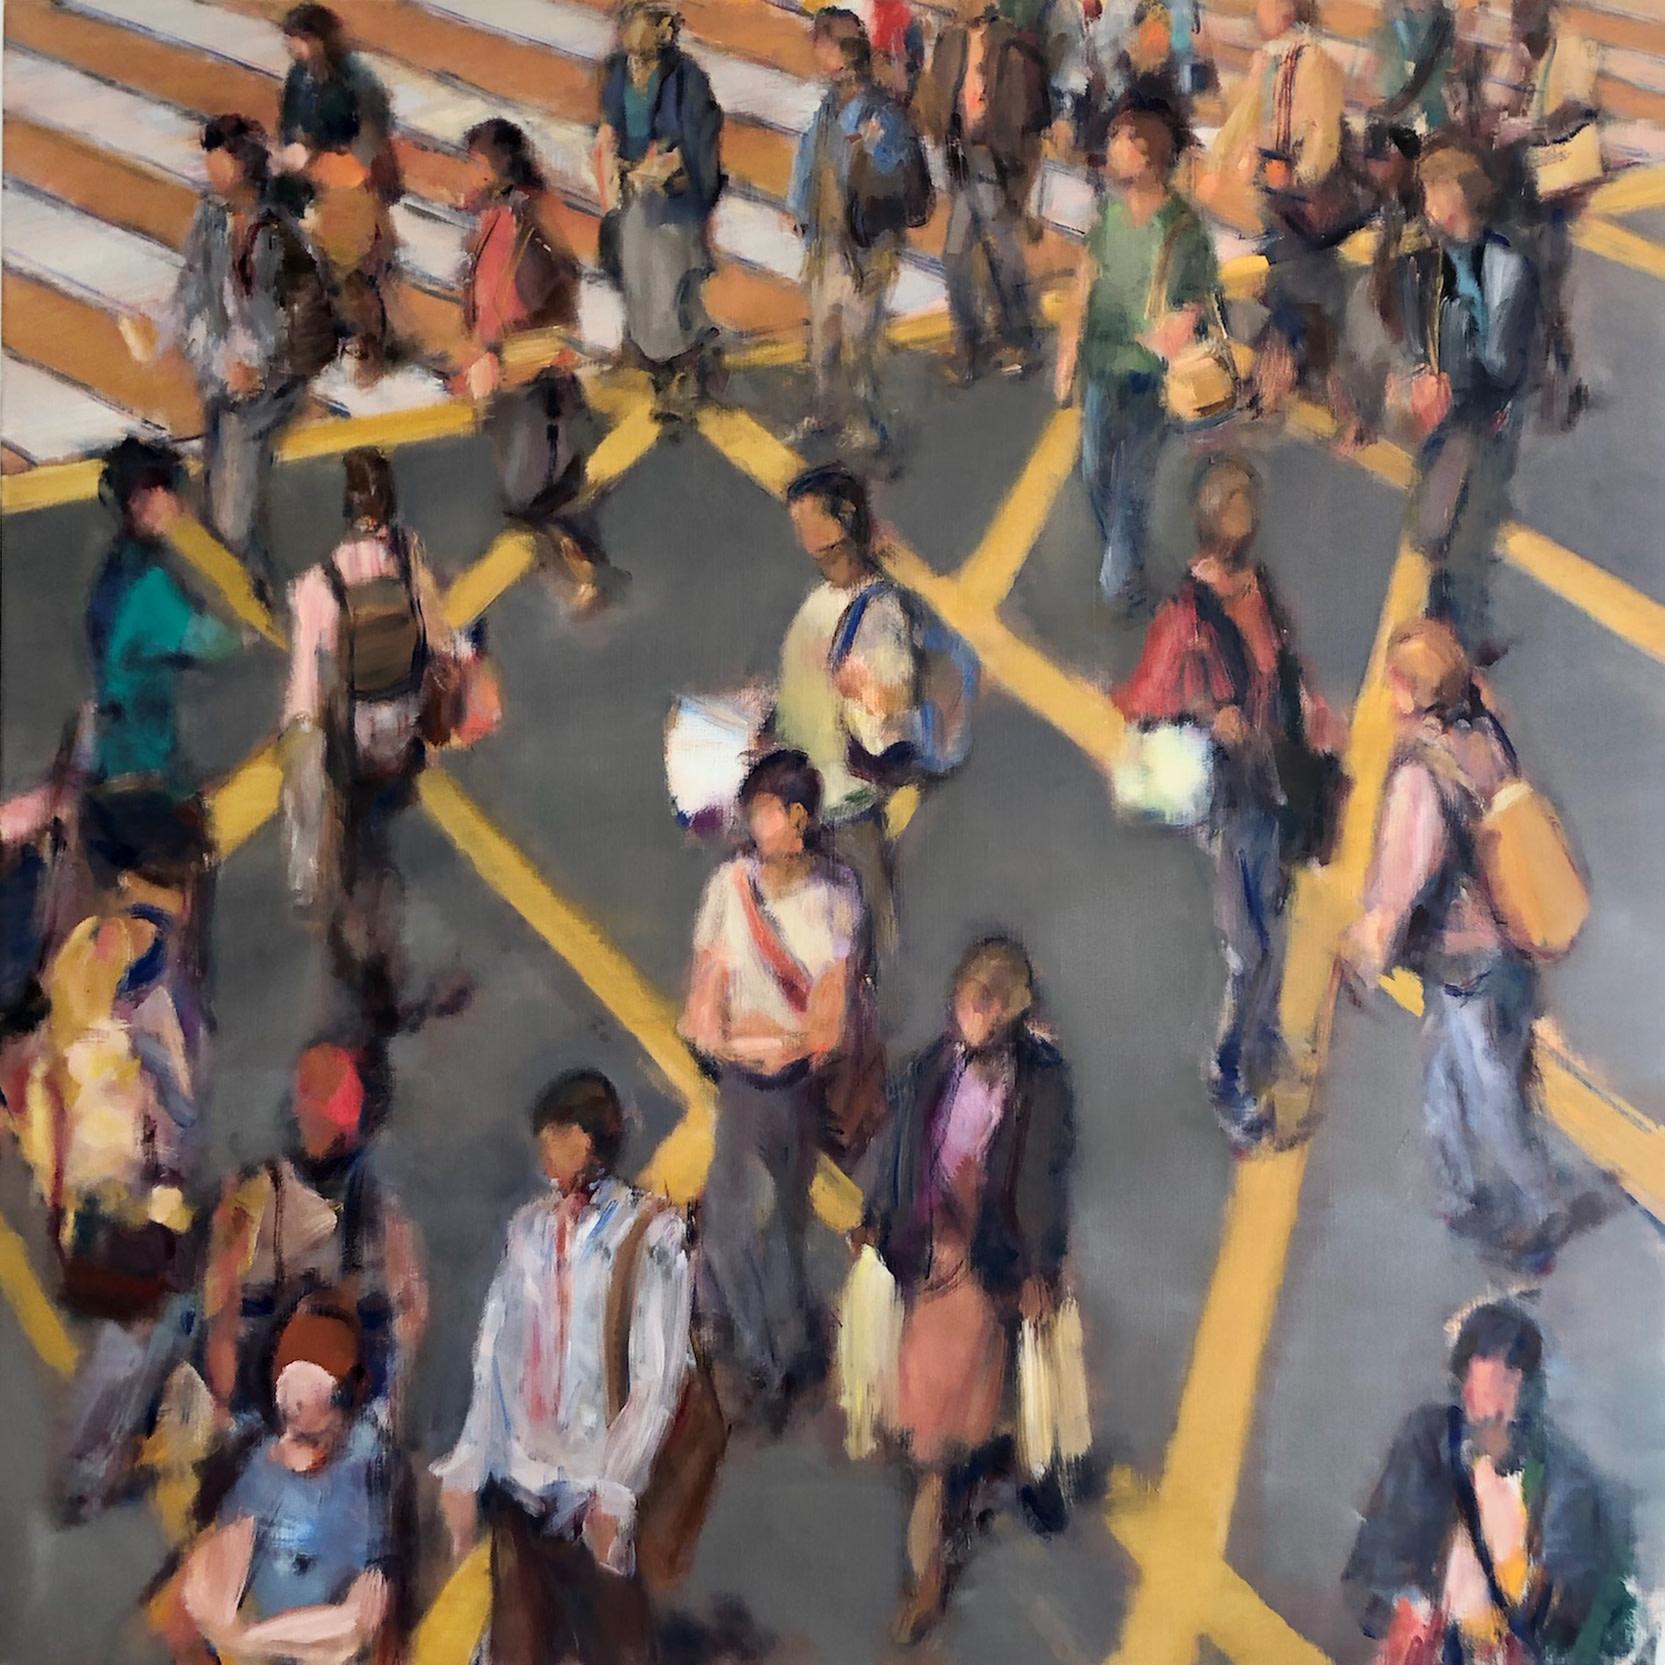 """<span class=""""link fancybox-details-link""""><a href=""""/artists/59-simon-nicholas/works/588-simon-nicholas-crosswalk-vi/"""">View Detail Page</a></span><div class=""""artist""""><strong>Simon Nicholas</strong></div> <div class=""""title""""><em>Crosswalk VI</em></div> <div class=""""medium"""">Oil on Linen</div> <div class=""""dimensions"""">47 x 47 inches</div>"""